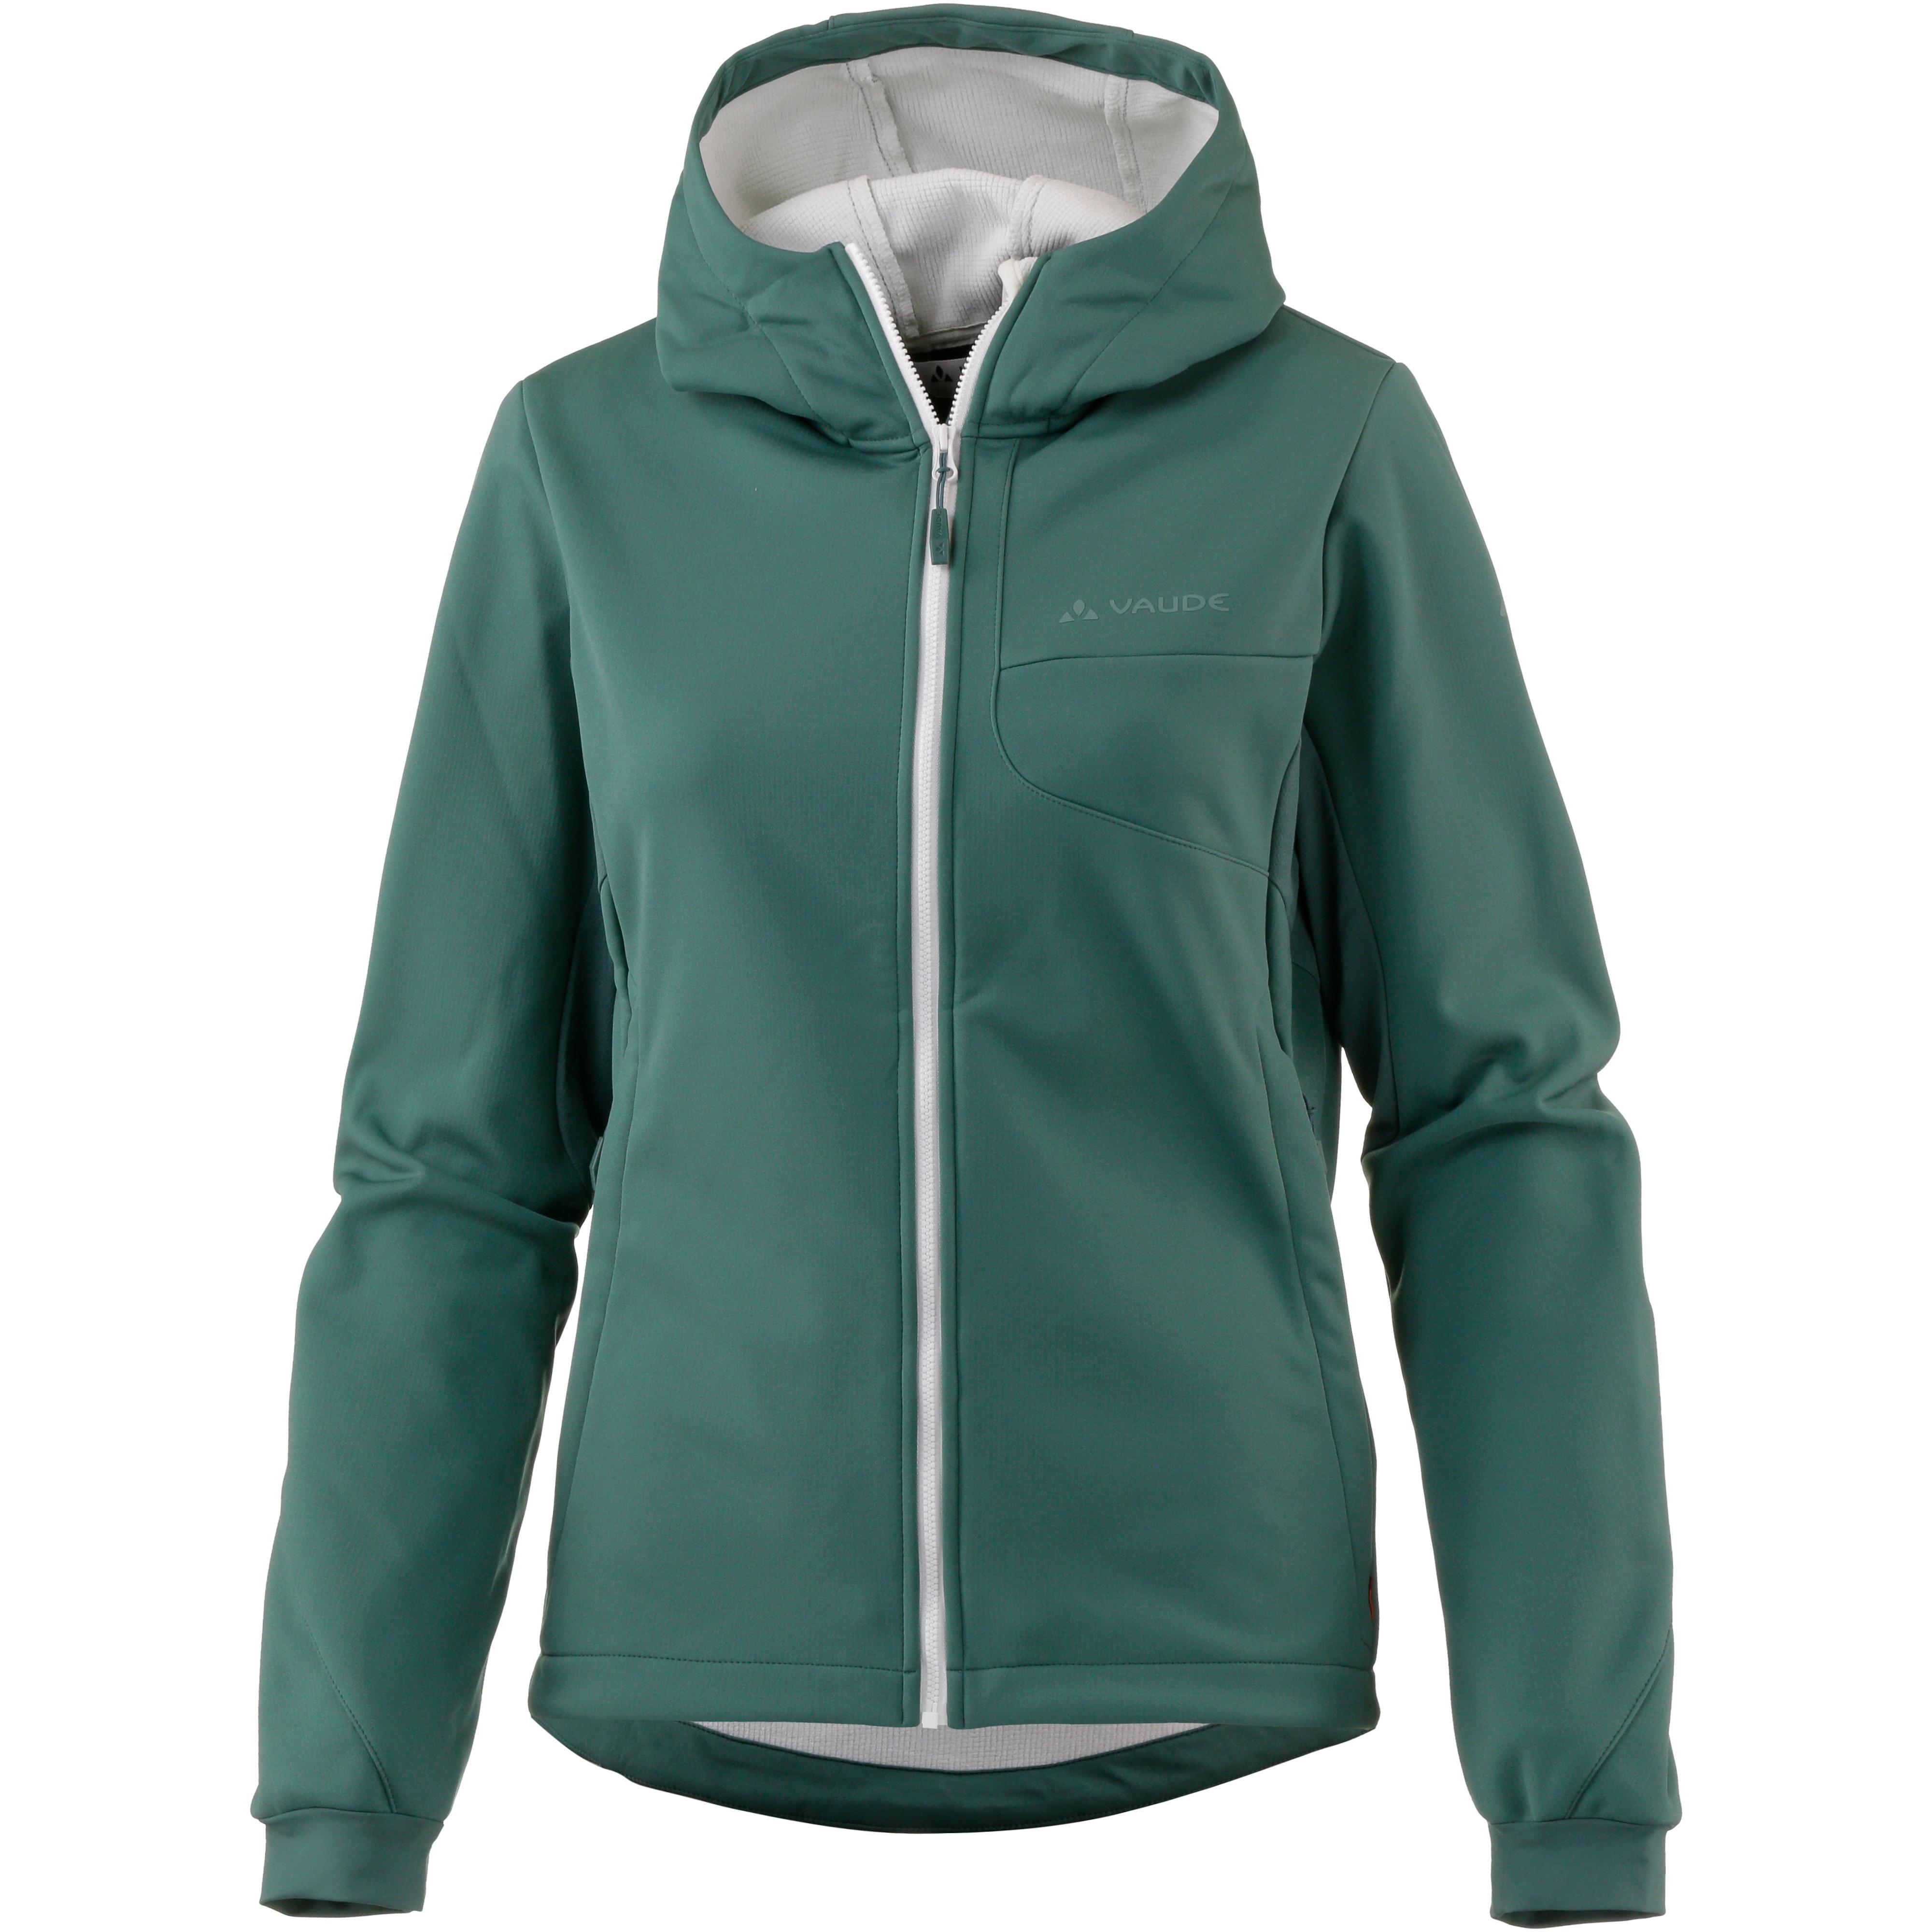 vaude jacken jetzt im sportscheck online shop kaufen  vaude wo chiva softshell jacket iii softshelljacke damen eucalyptus